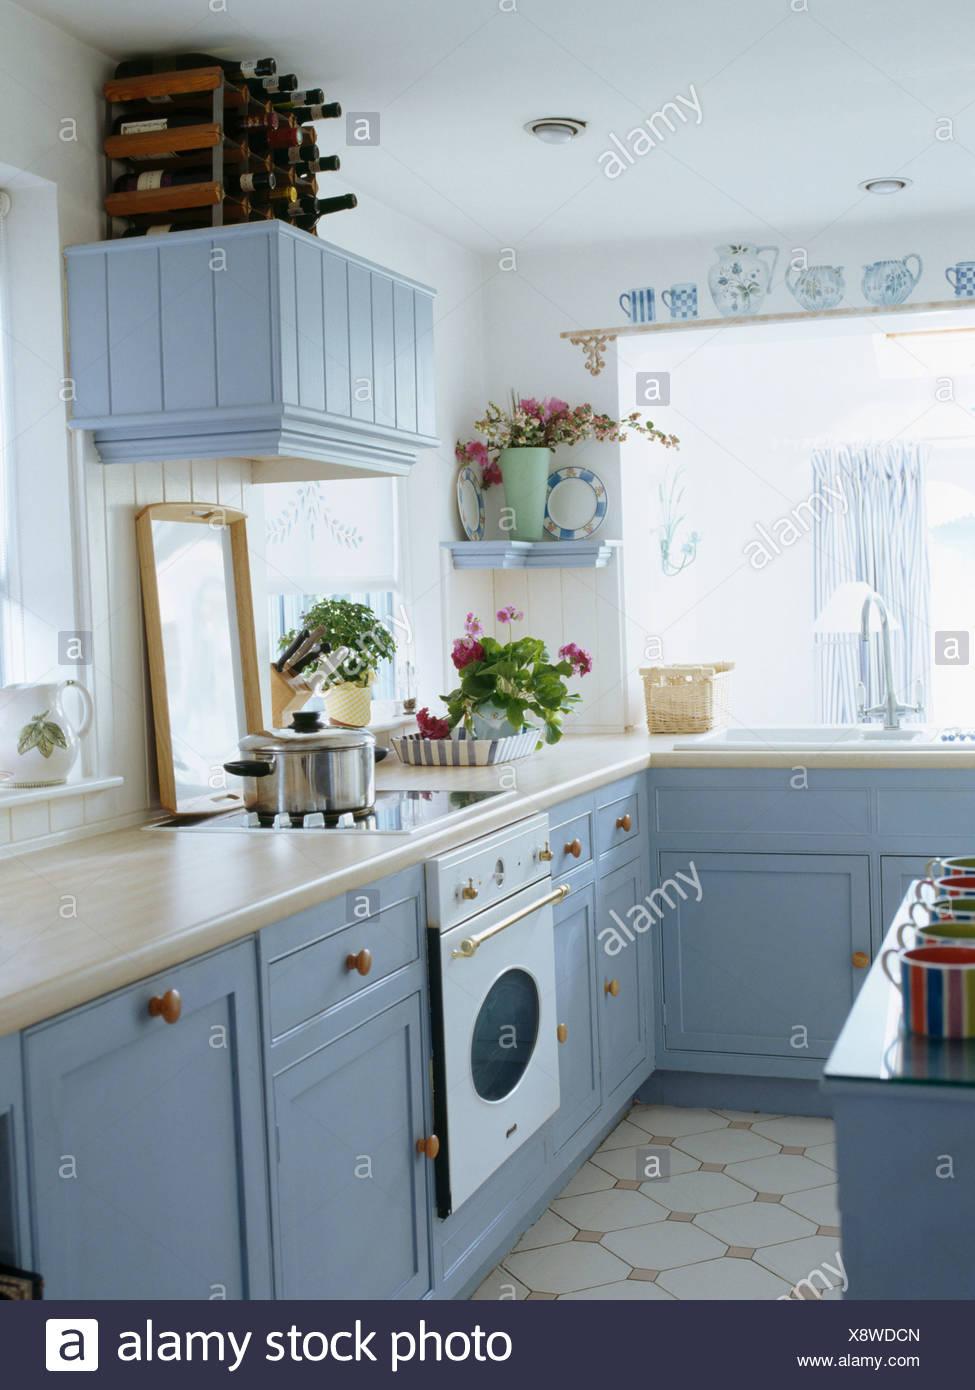 Nett Gestreifte Vorhänge Küche Fotos - Küchen Design Ideen ...